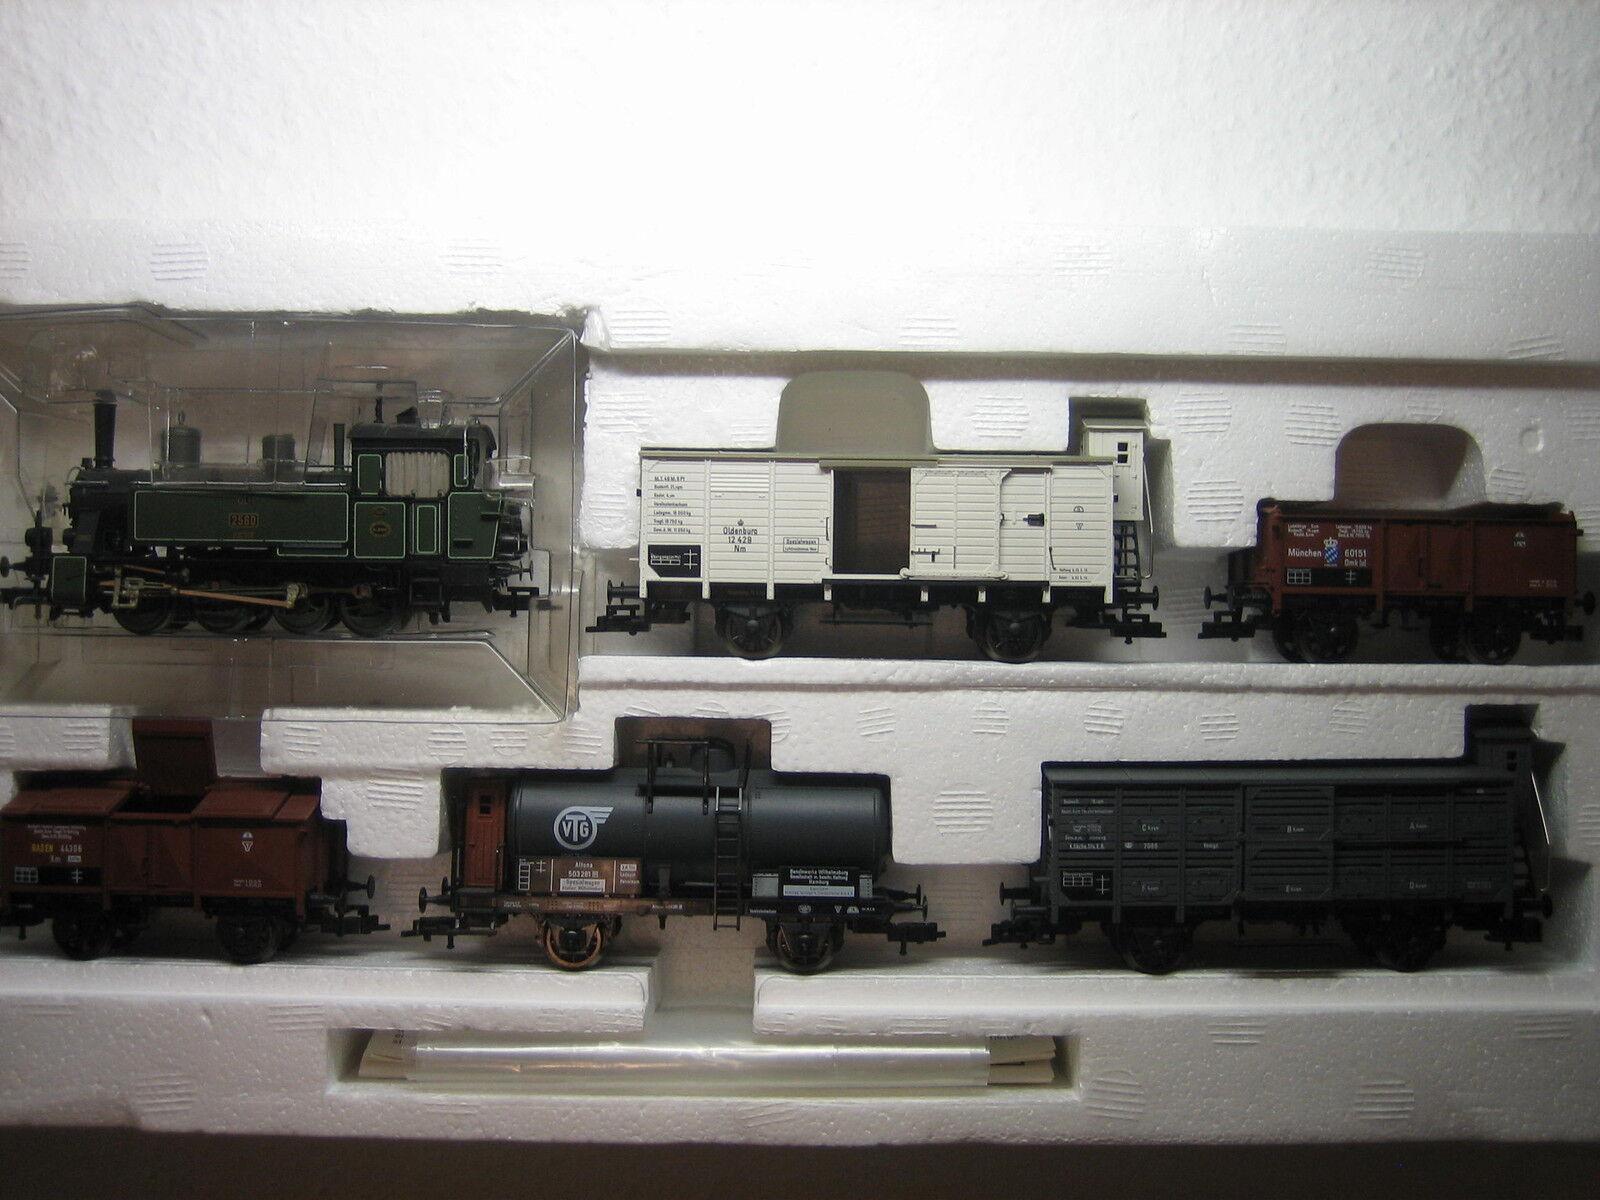 Fleischuomon H0 4889 Ferrovie Dello Stato Passeo il Treno Dc Confezione